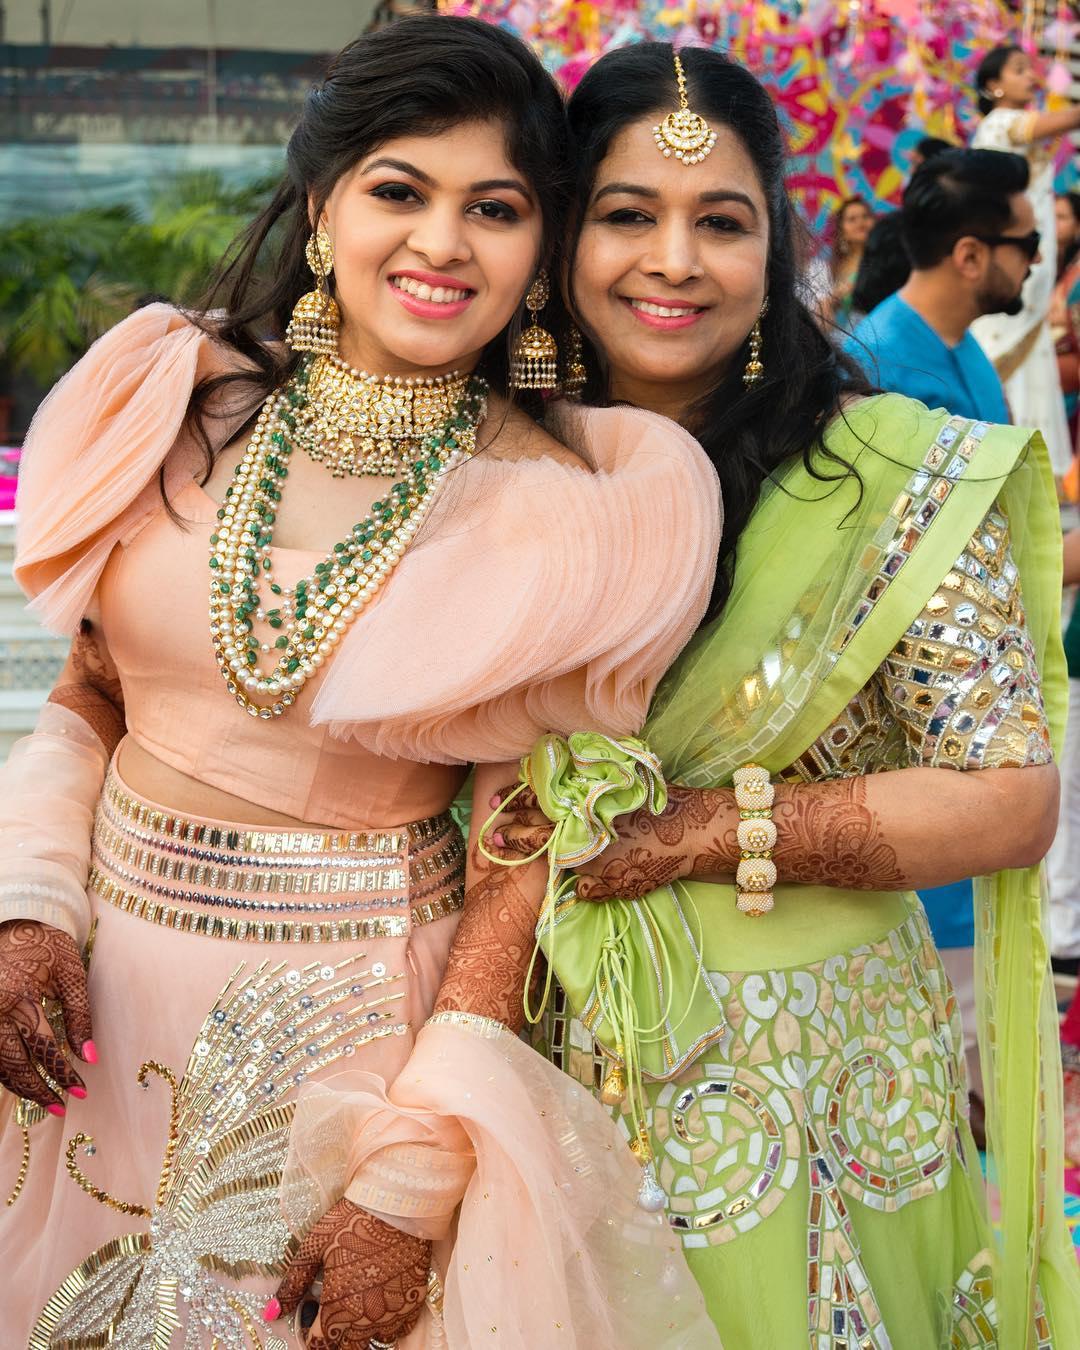 Bridal Blouse, Blouse Design, Bridal Blouse Design, Choli Design, Bridal Choli Design, Bridal Outfit, Bridal Fashion, Flowy Sleeves